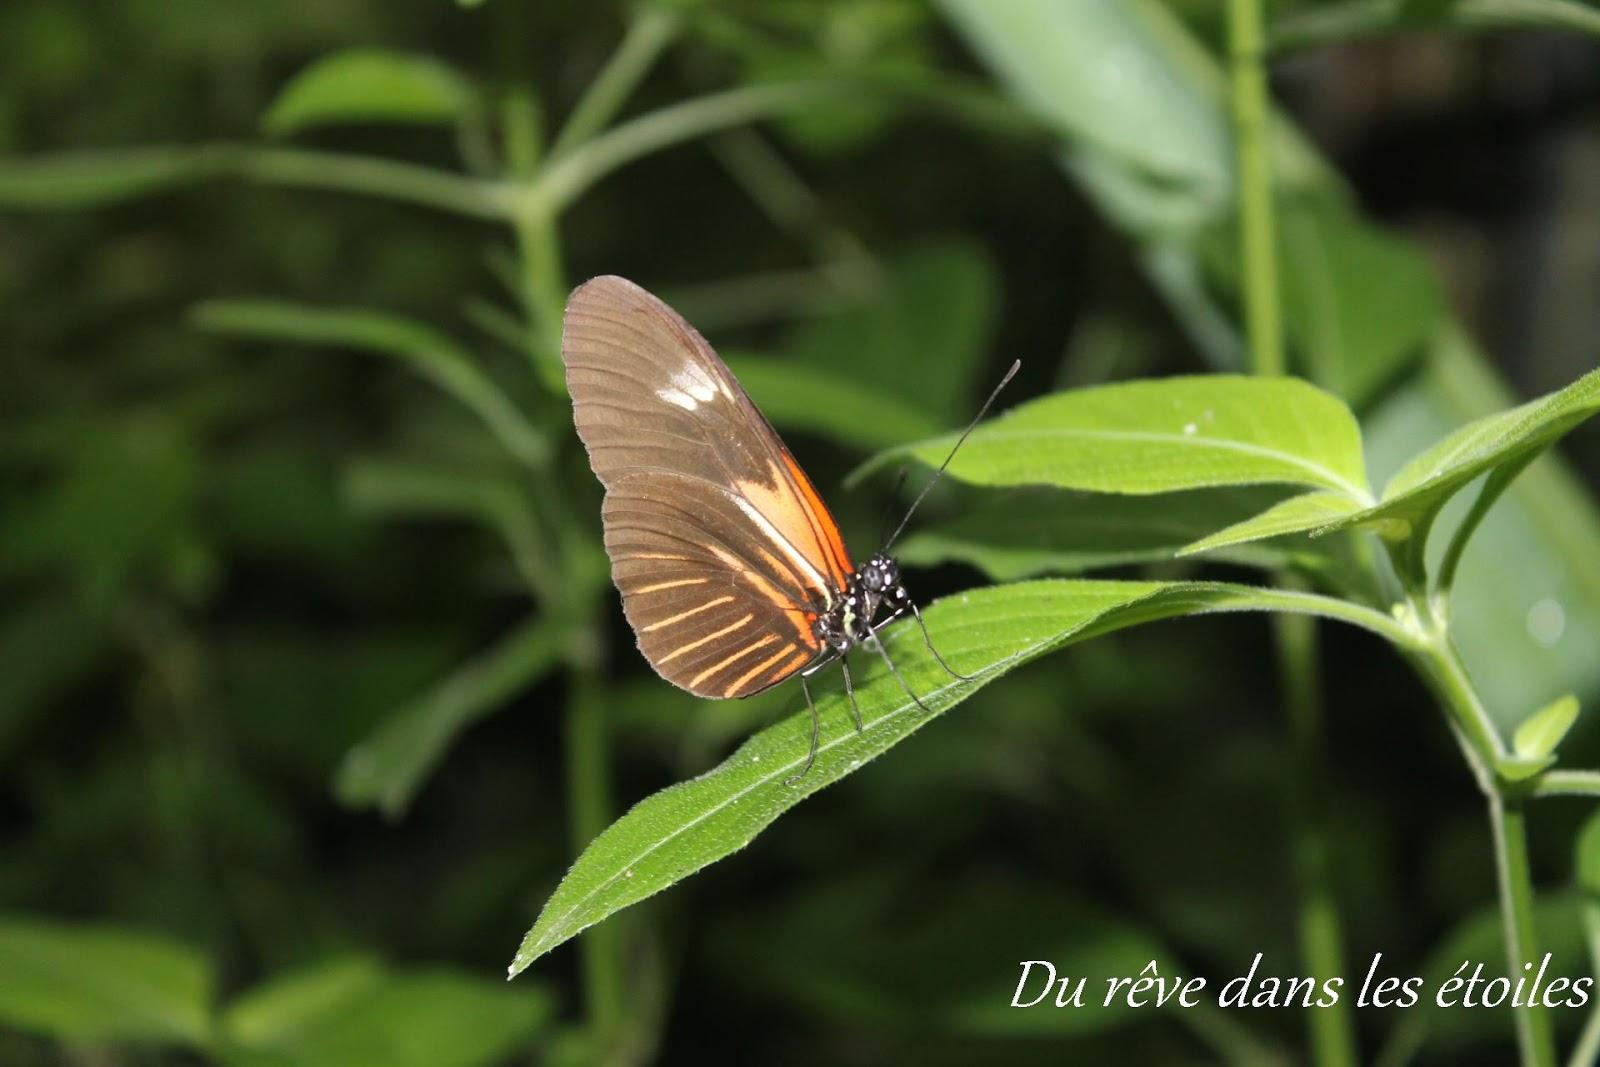 La serre papillons sortie en yvelines du r ve dans for Sortie en famille dans les yvelines